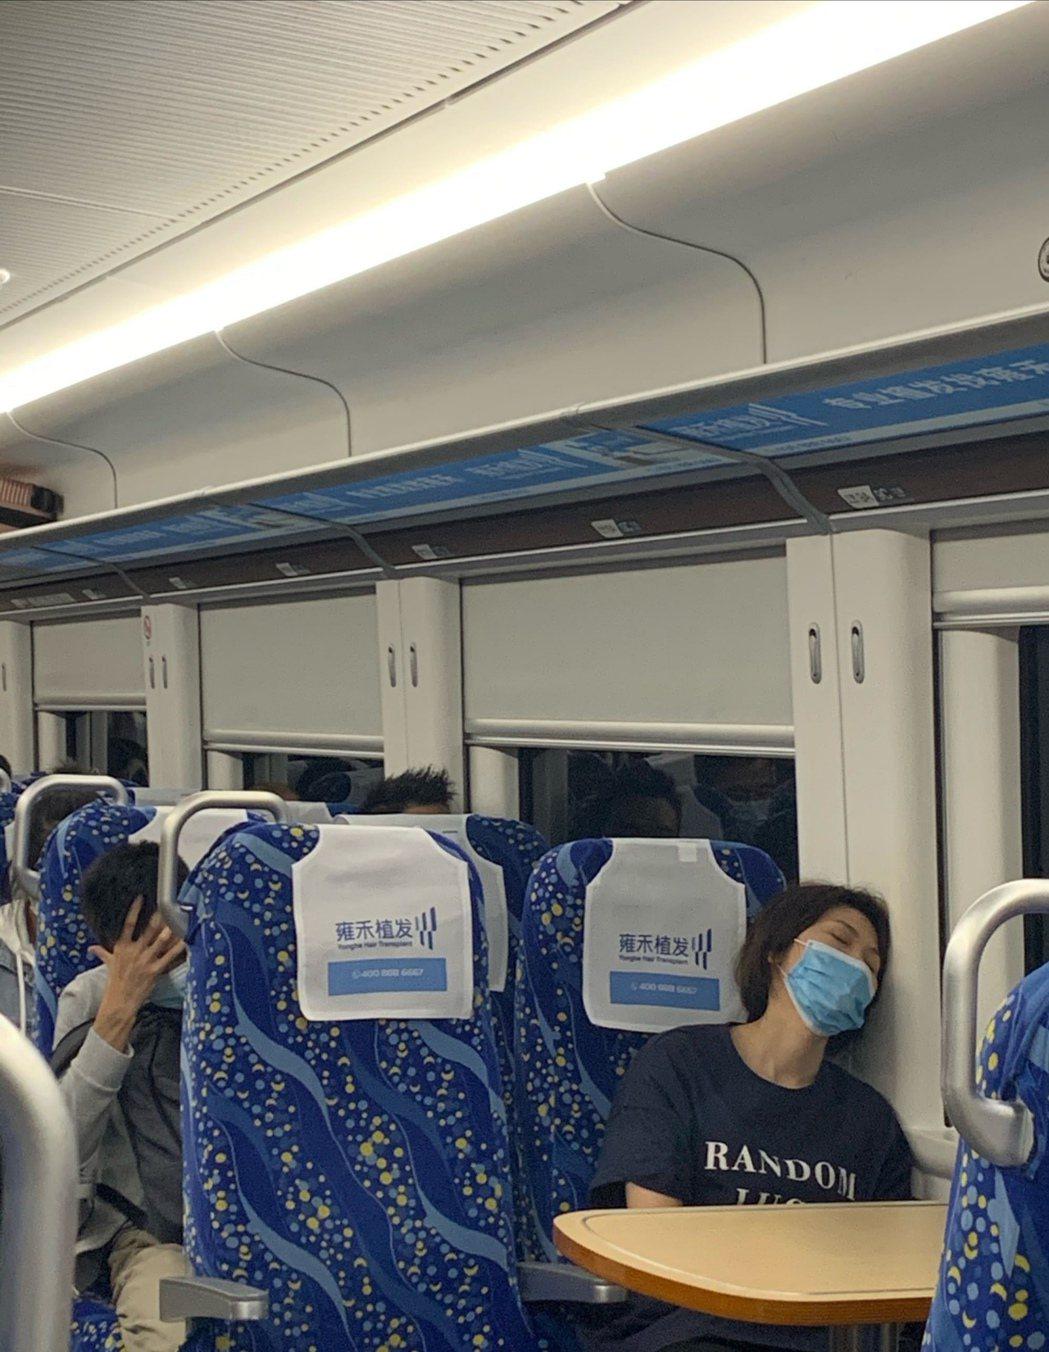 近日有網友爆料,在中國坐高鐵時發現天后孫燕姿的身影,有網友甚至拍到「孫燕姿單獨睡...